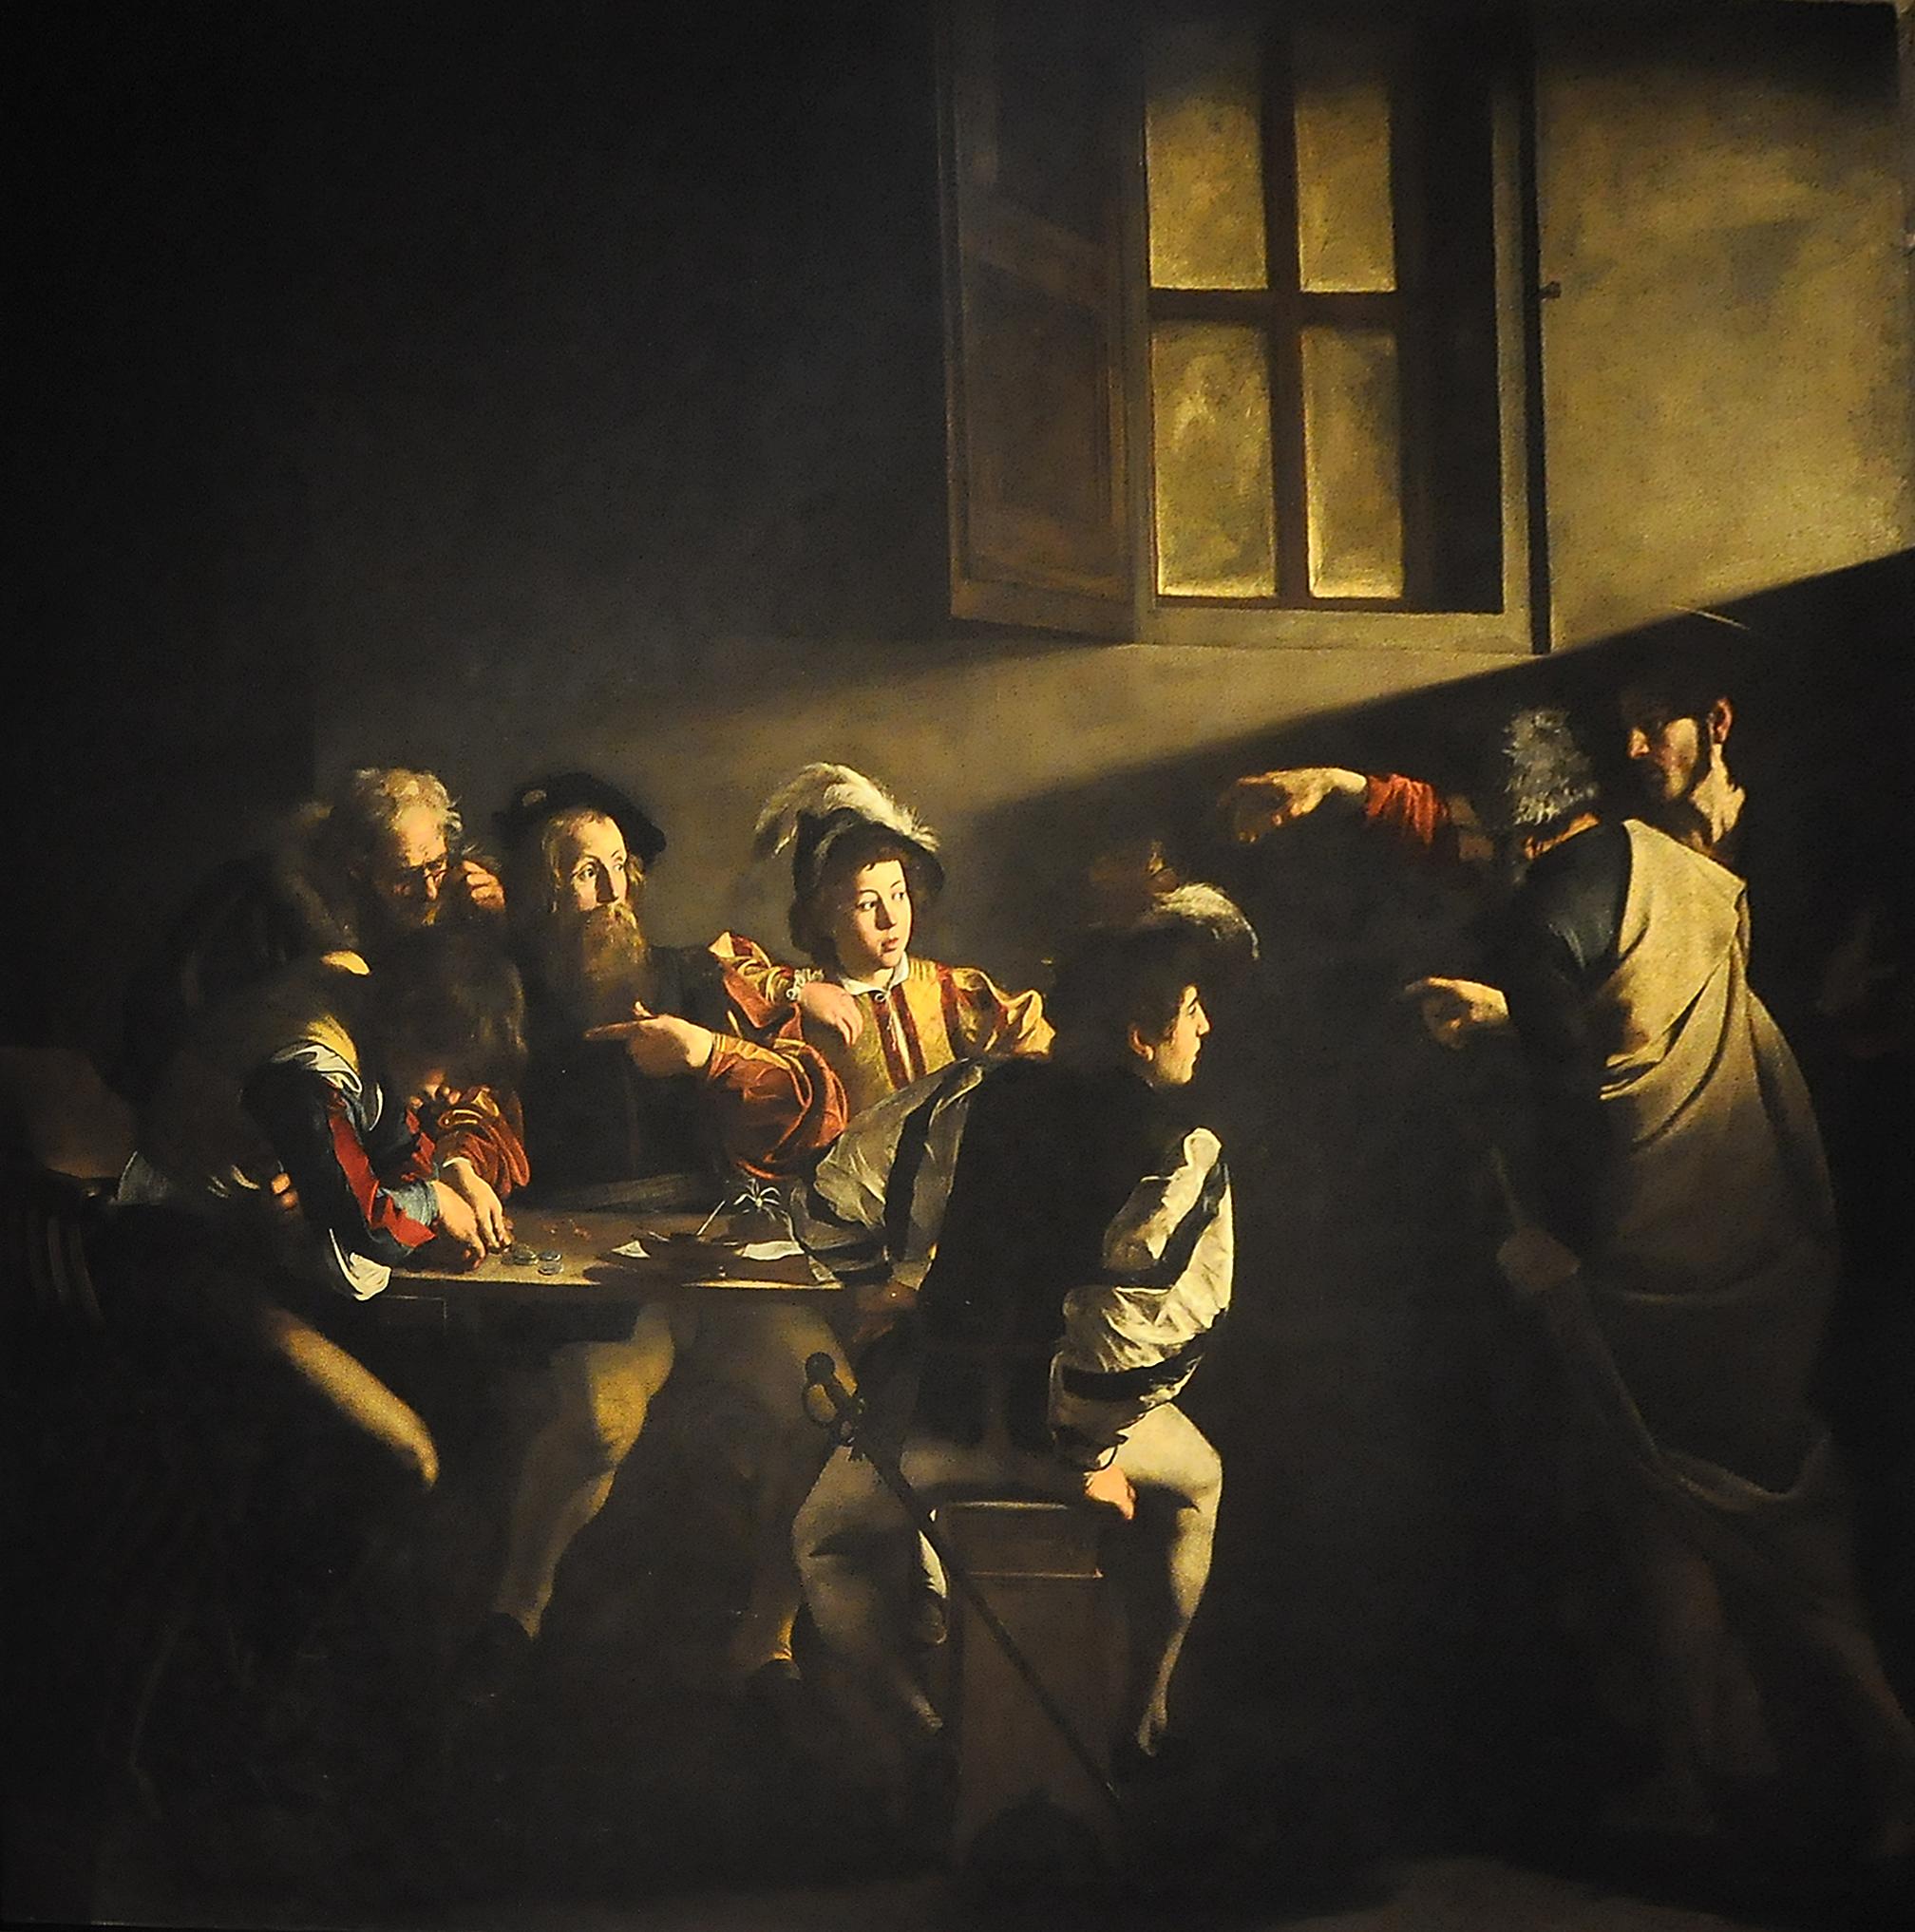 La vocación de San Mateo (Caravaggio) - Wikipedia, la enciclopedia ...